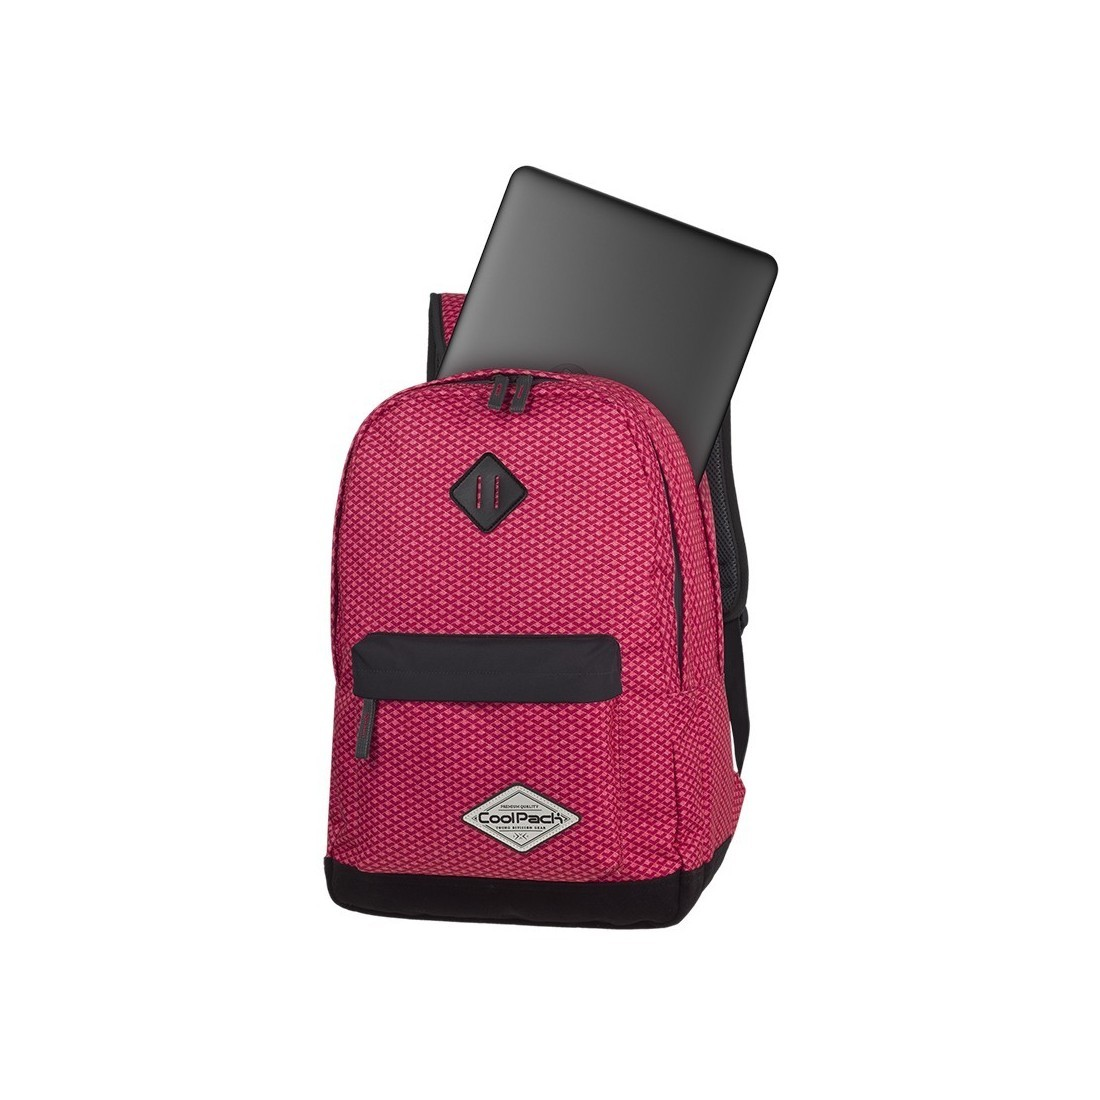 Plecak młodzieżowy CoolPack CP SCOUT CORAL NET koralowy kieszeń na laptop - A118